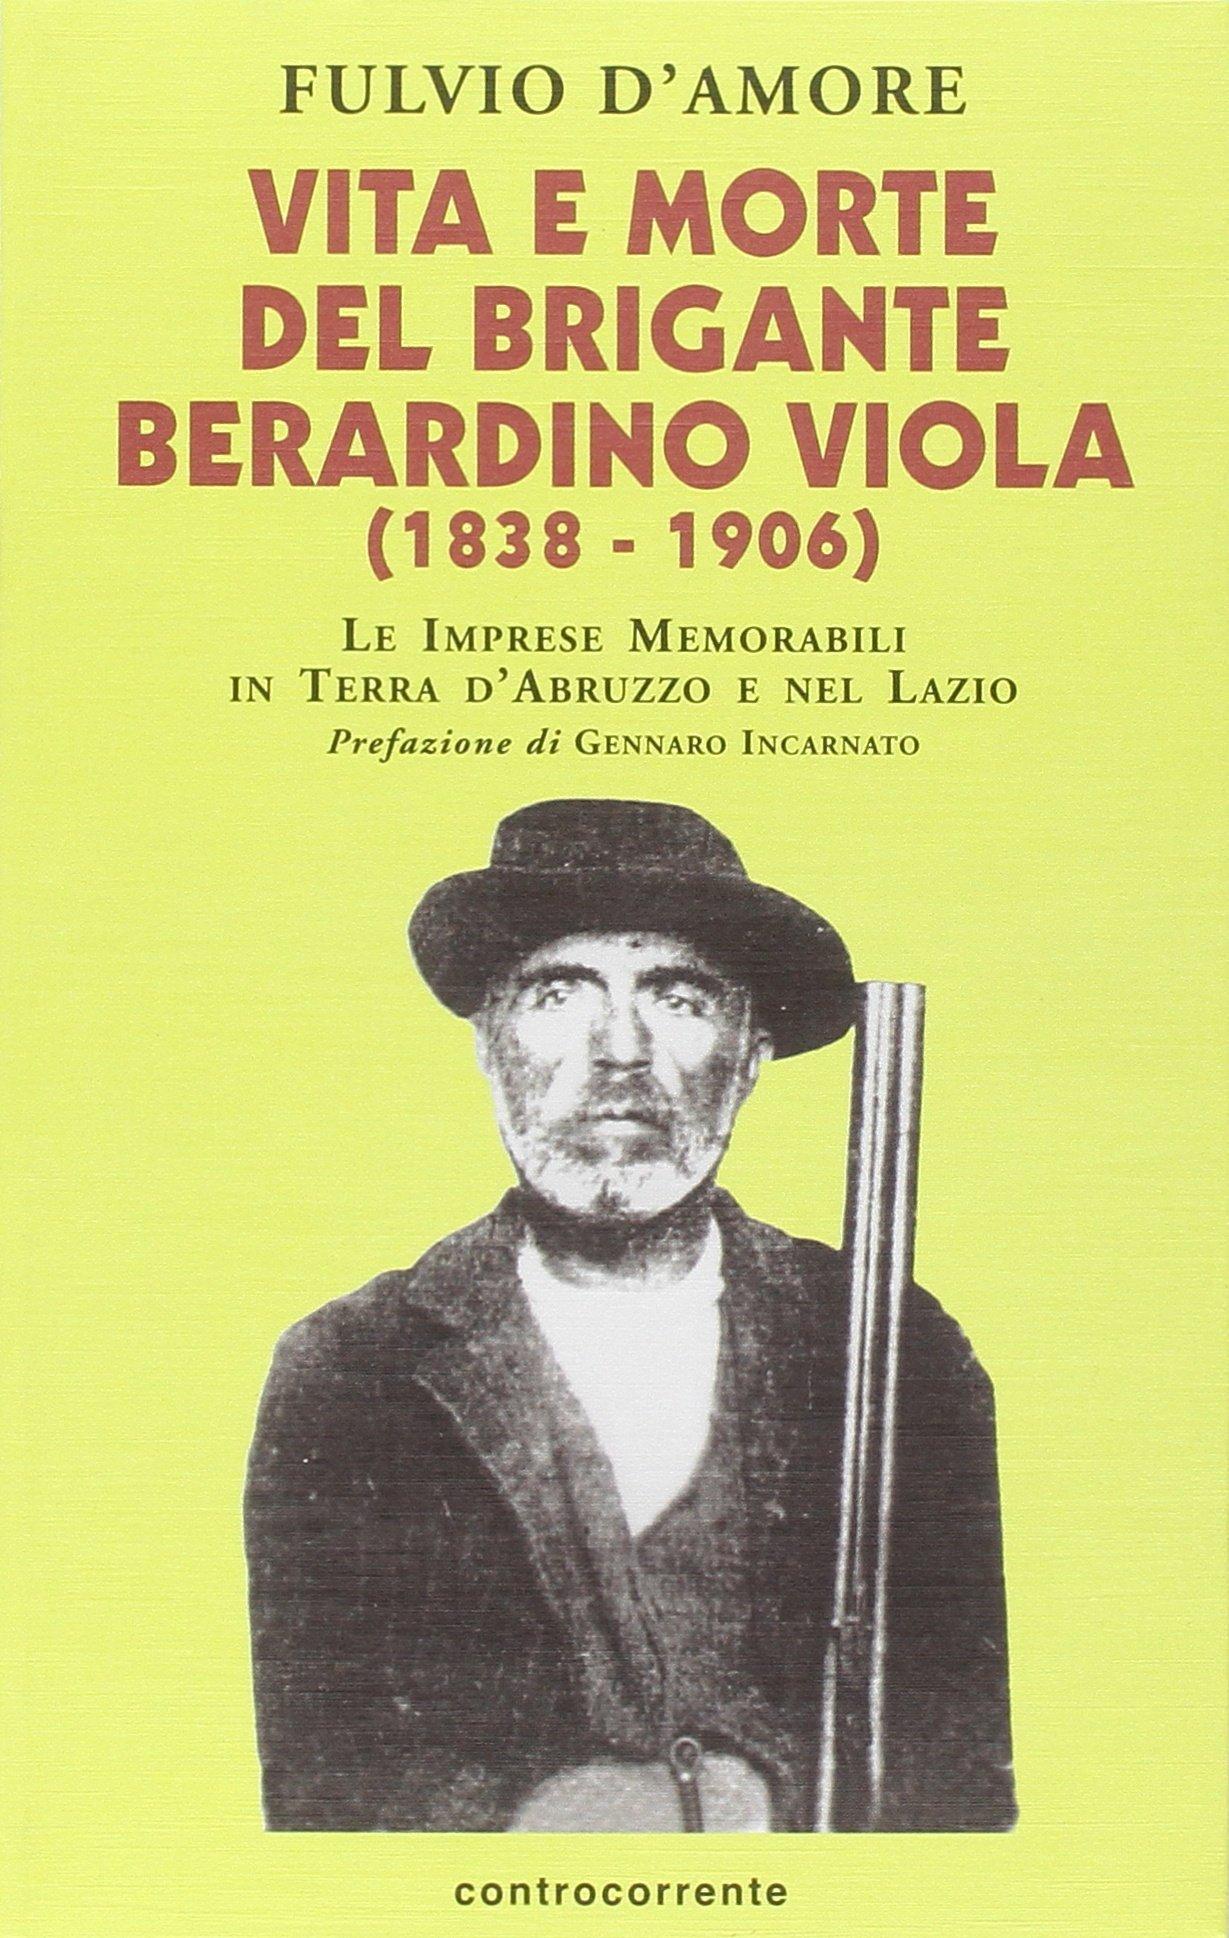 Amazon.it: Vita e morte del brigante Berardino Viola (1838-1906). Le  imprese memorabili in terra d'Abruzzo e nel Lazio - D'Amore, Fulvio - Libri